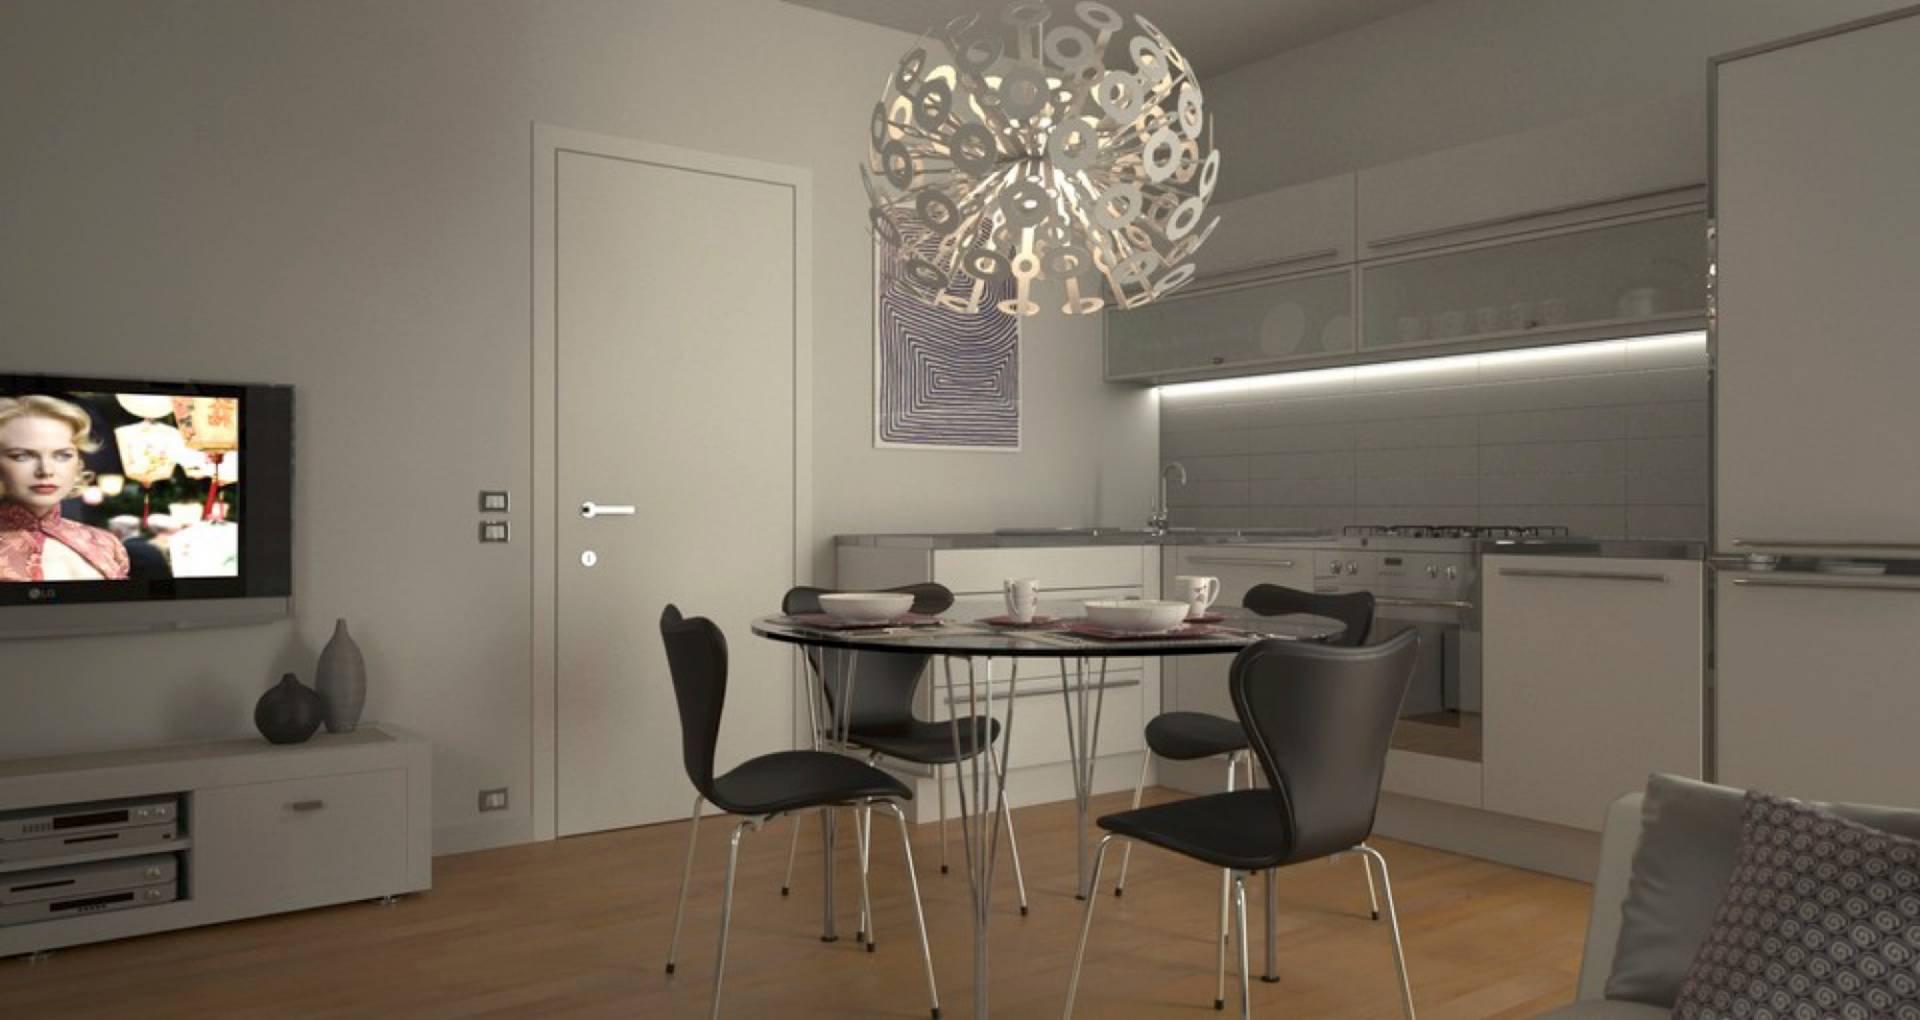 Appartamento in vendita a Silea, 3 locali, prezzo € 114.000 | CambioCasa.it